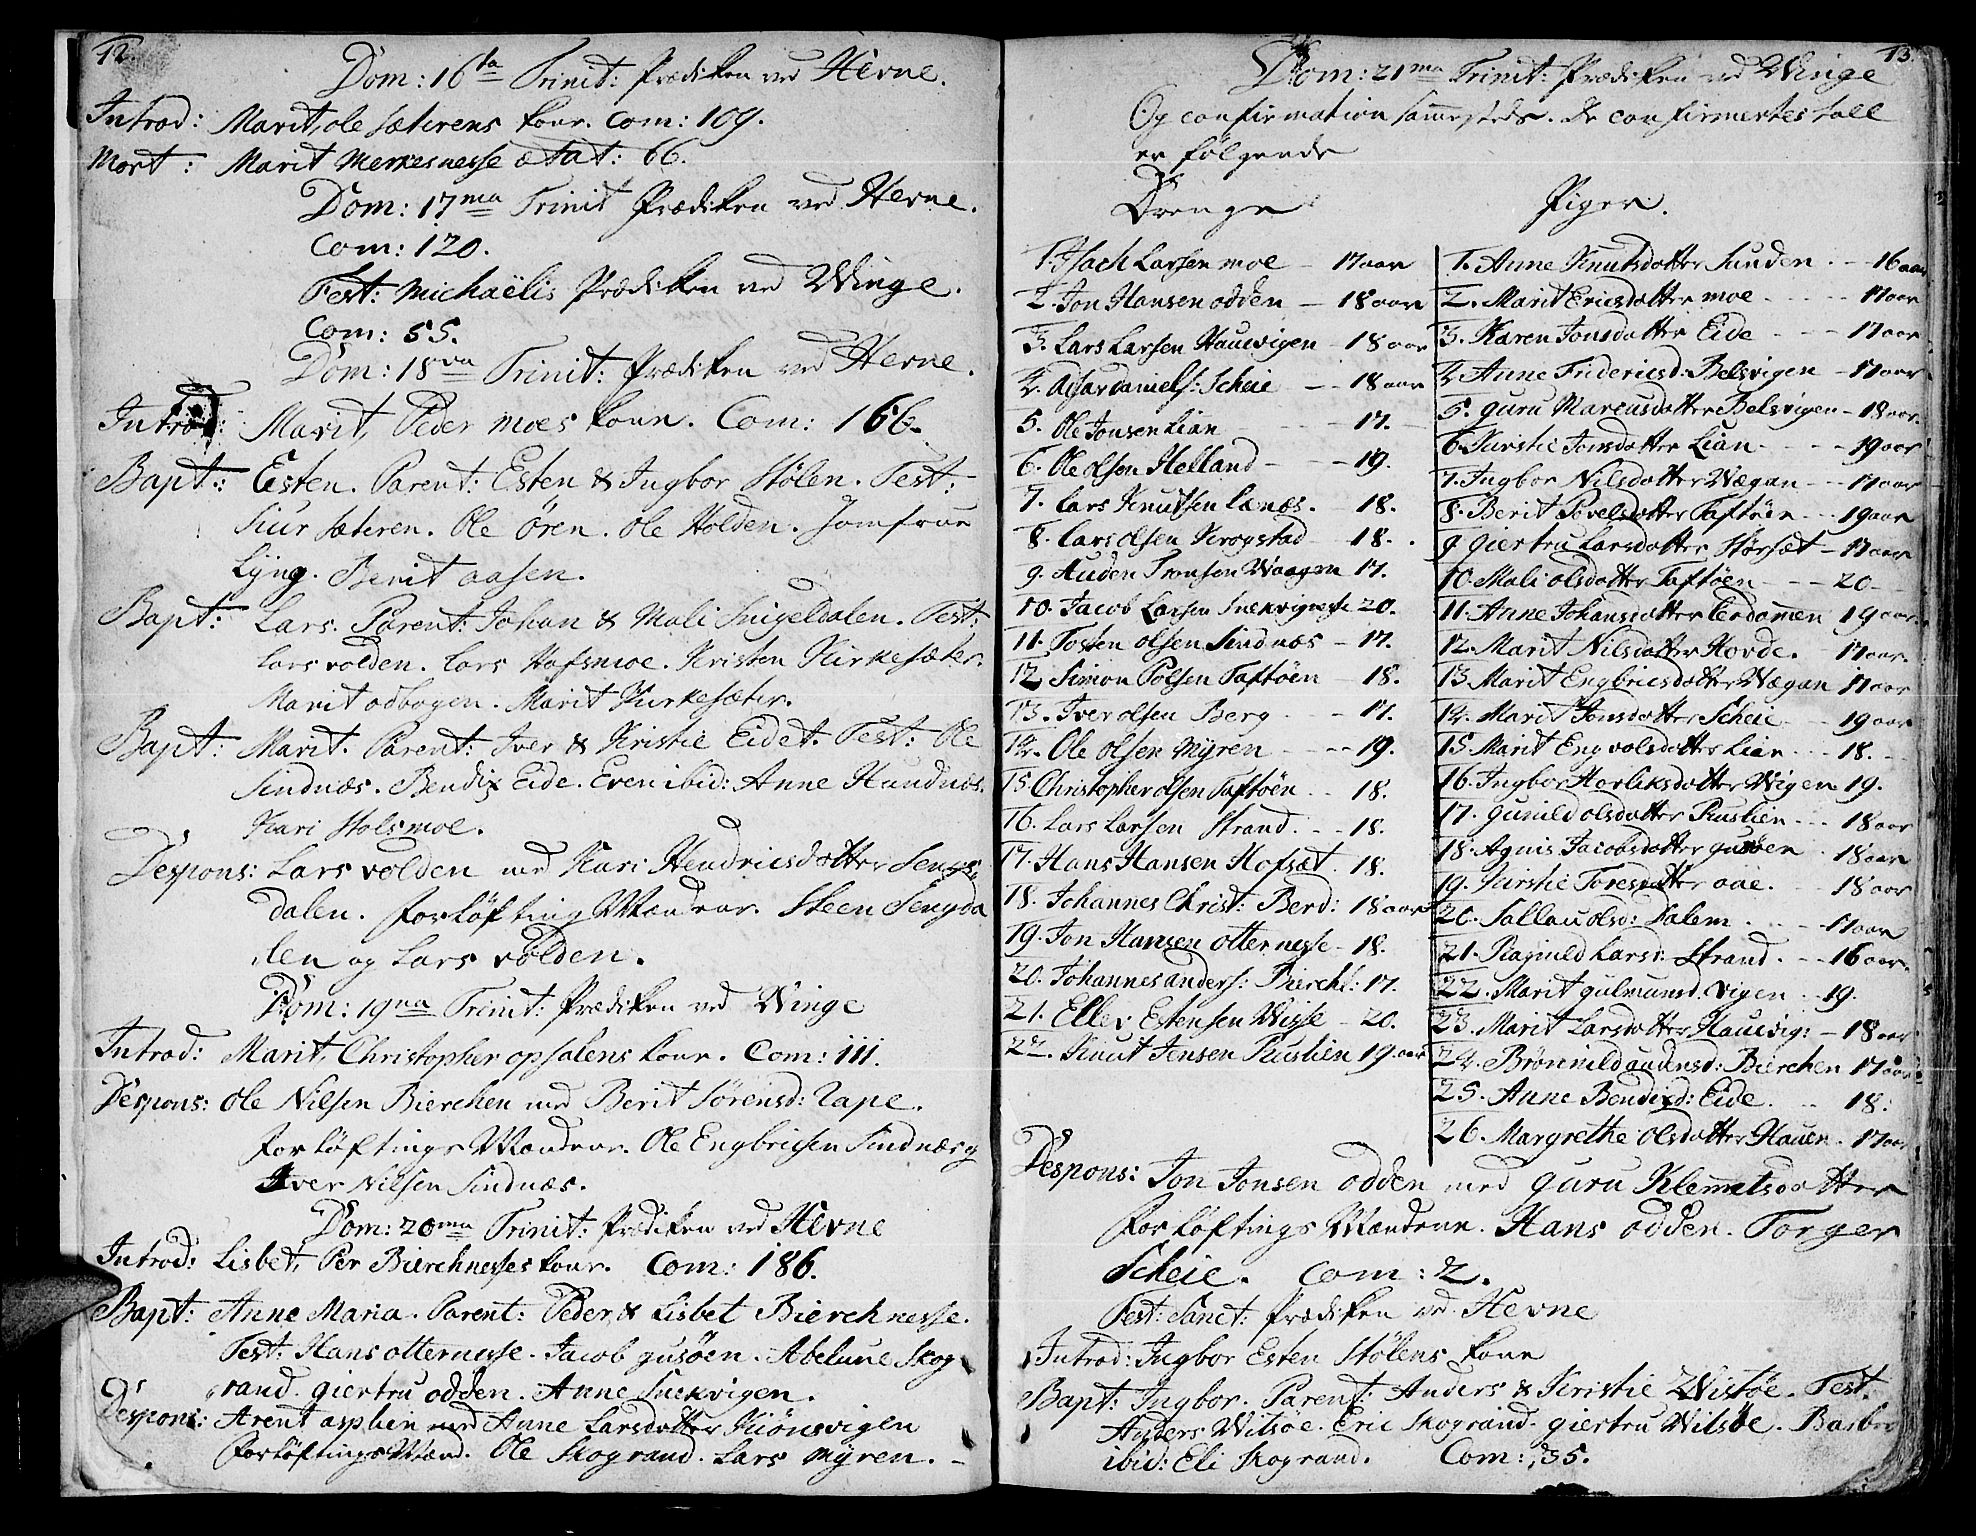 SAT, Ministerialprotokoller, klokkerbøker og fødselsregistre - Sør-Trøndelag, 630/L0489: Ministerialbok nr. 630A02, 1757-1794, s. 12-13